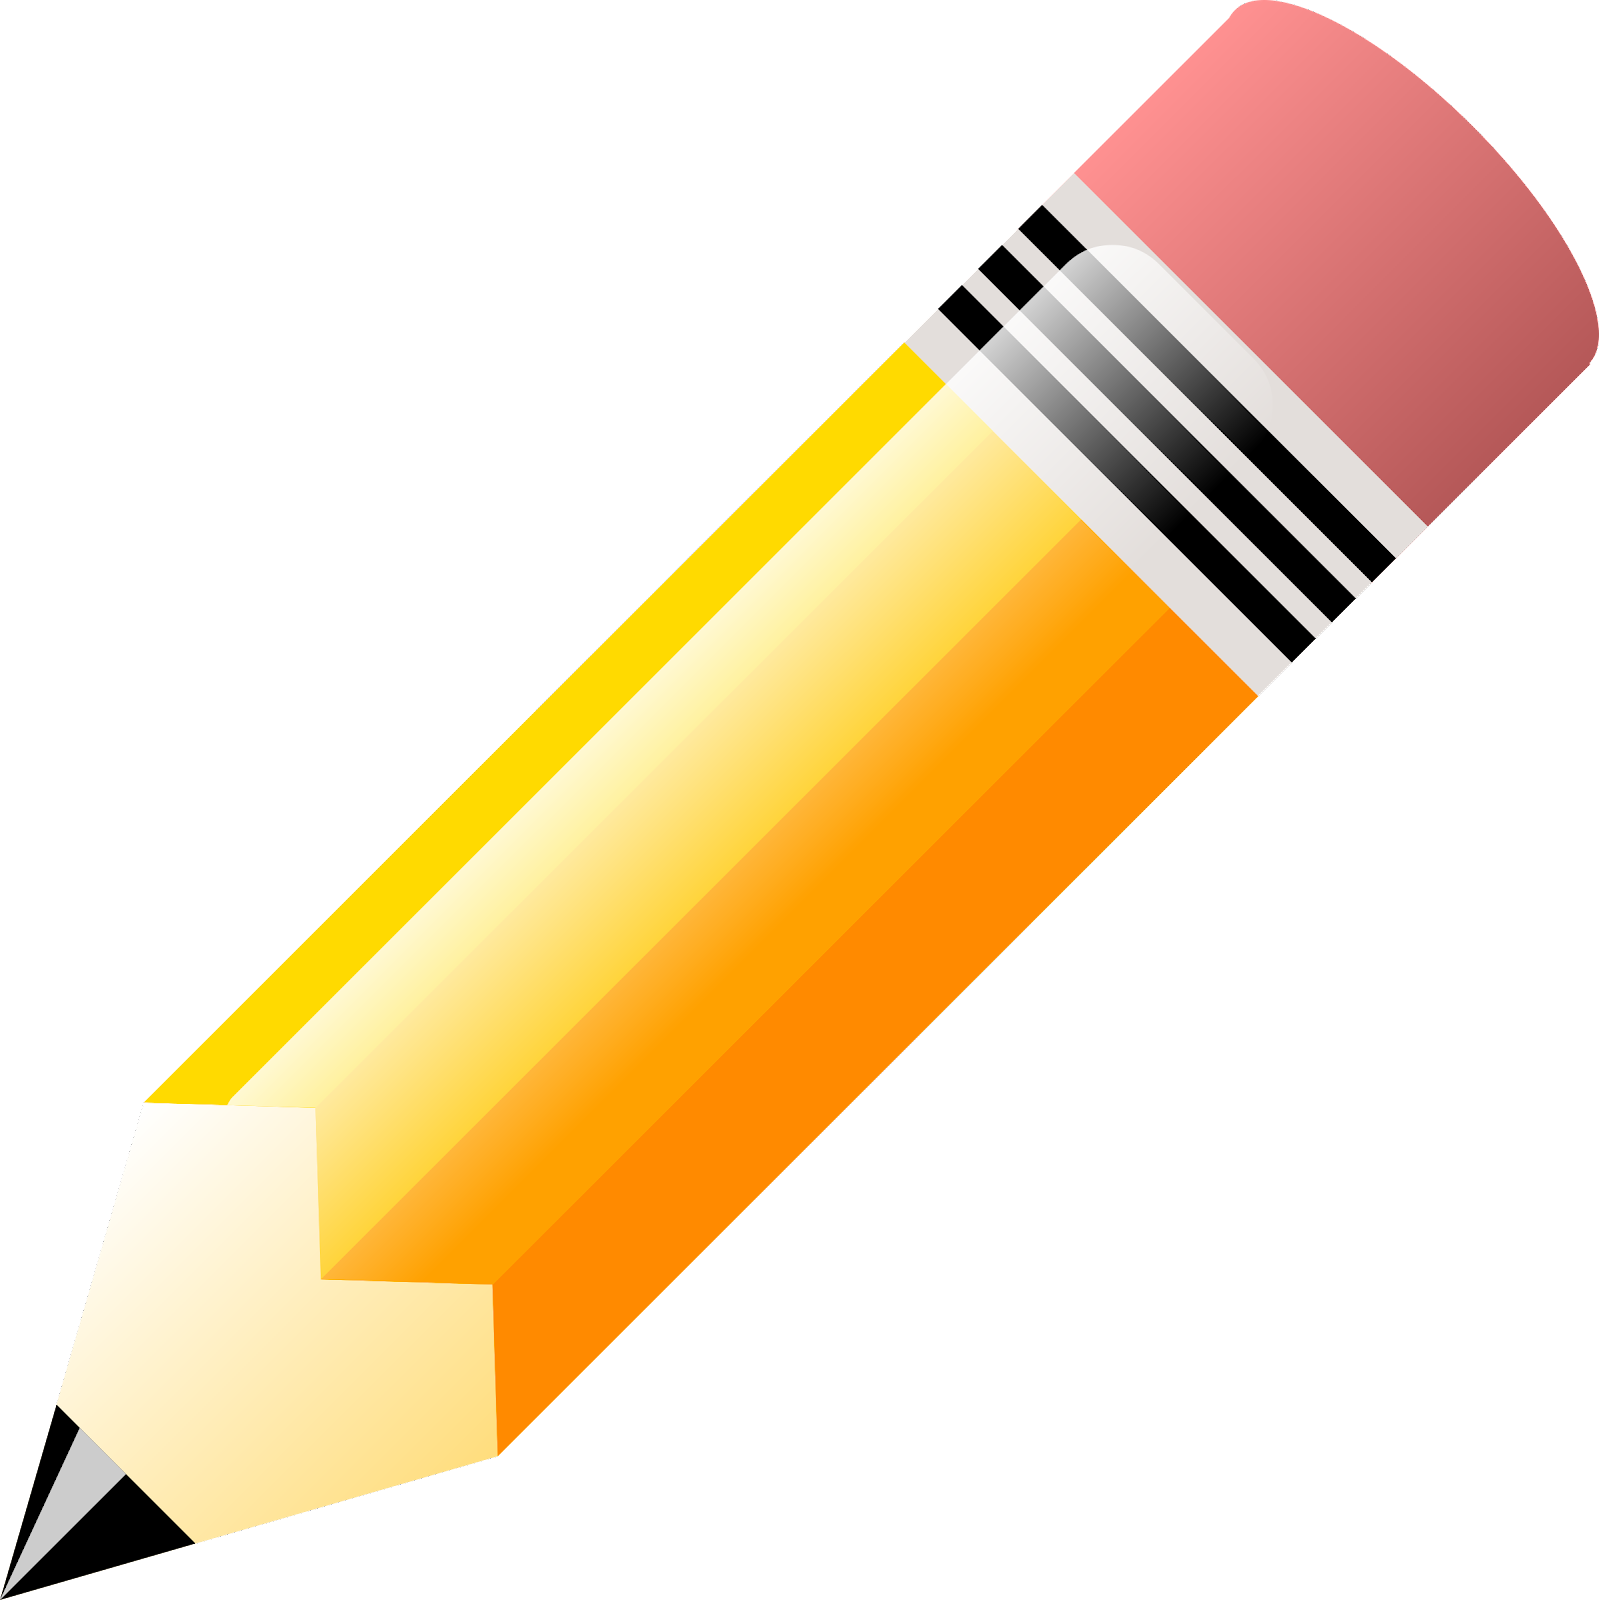 The Big Pencil Vector Art. ...